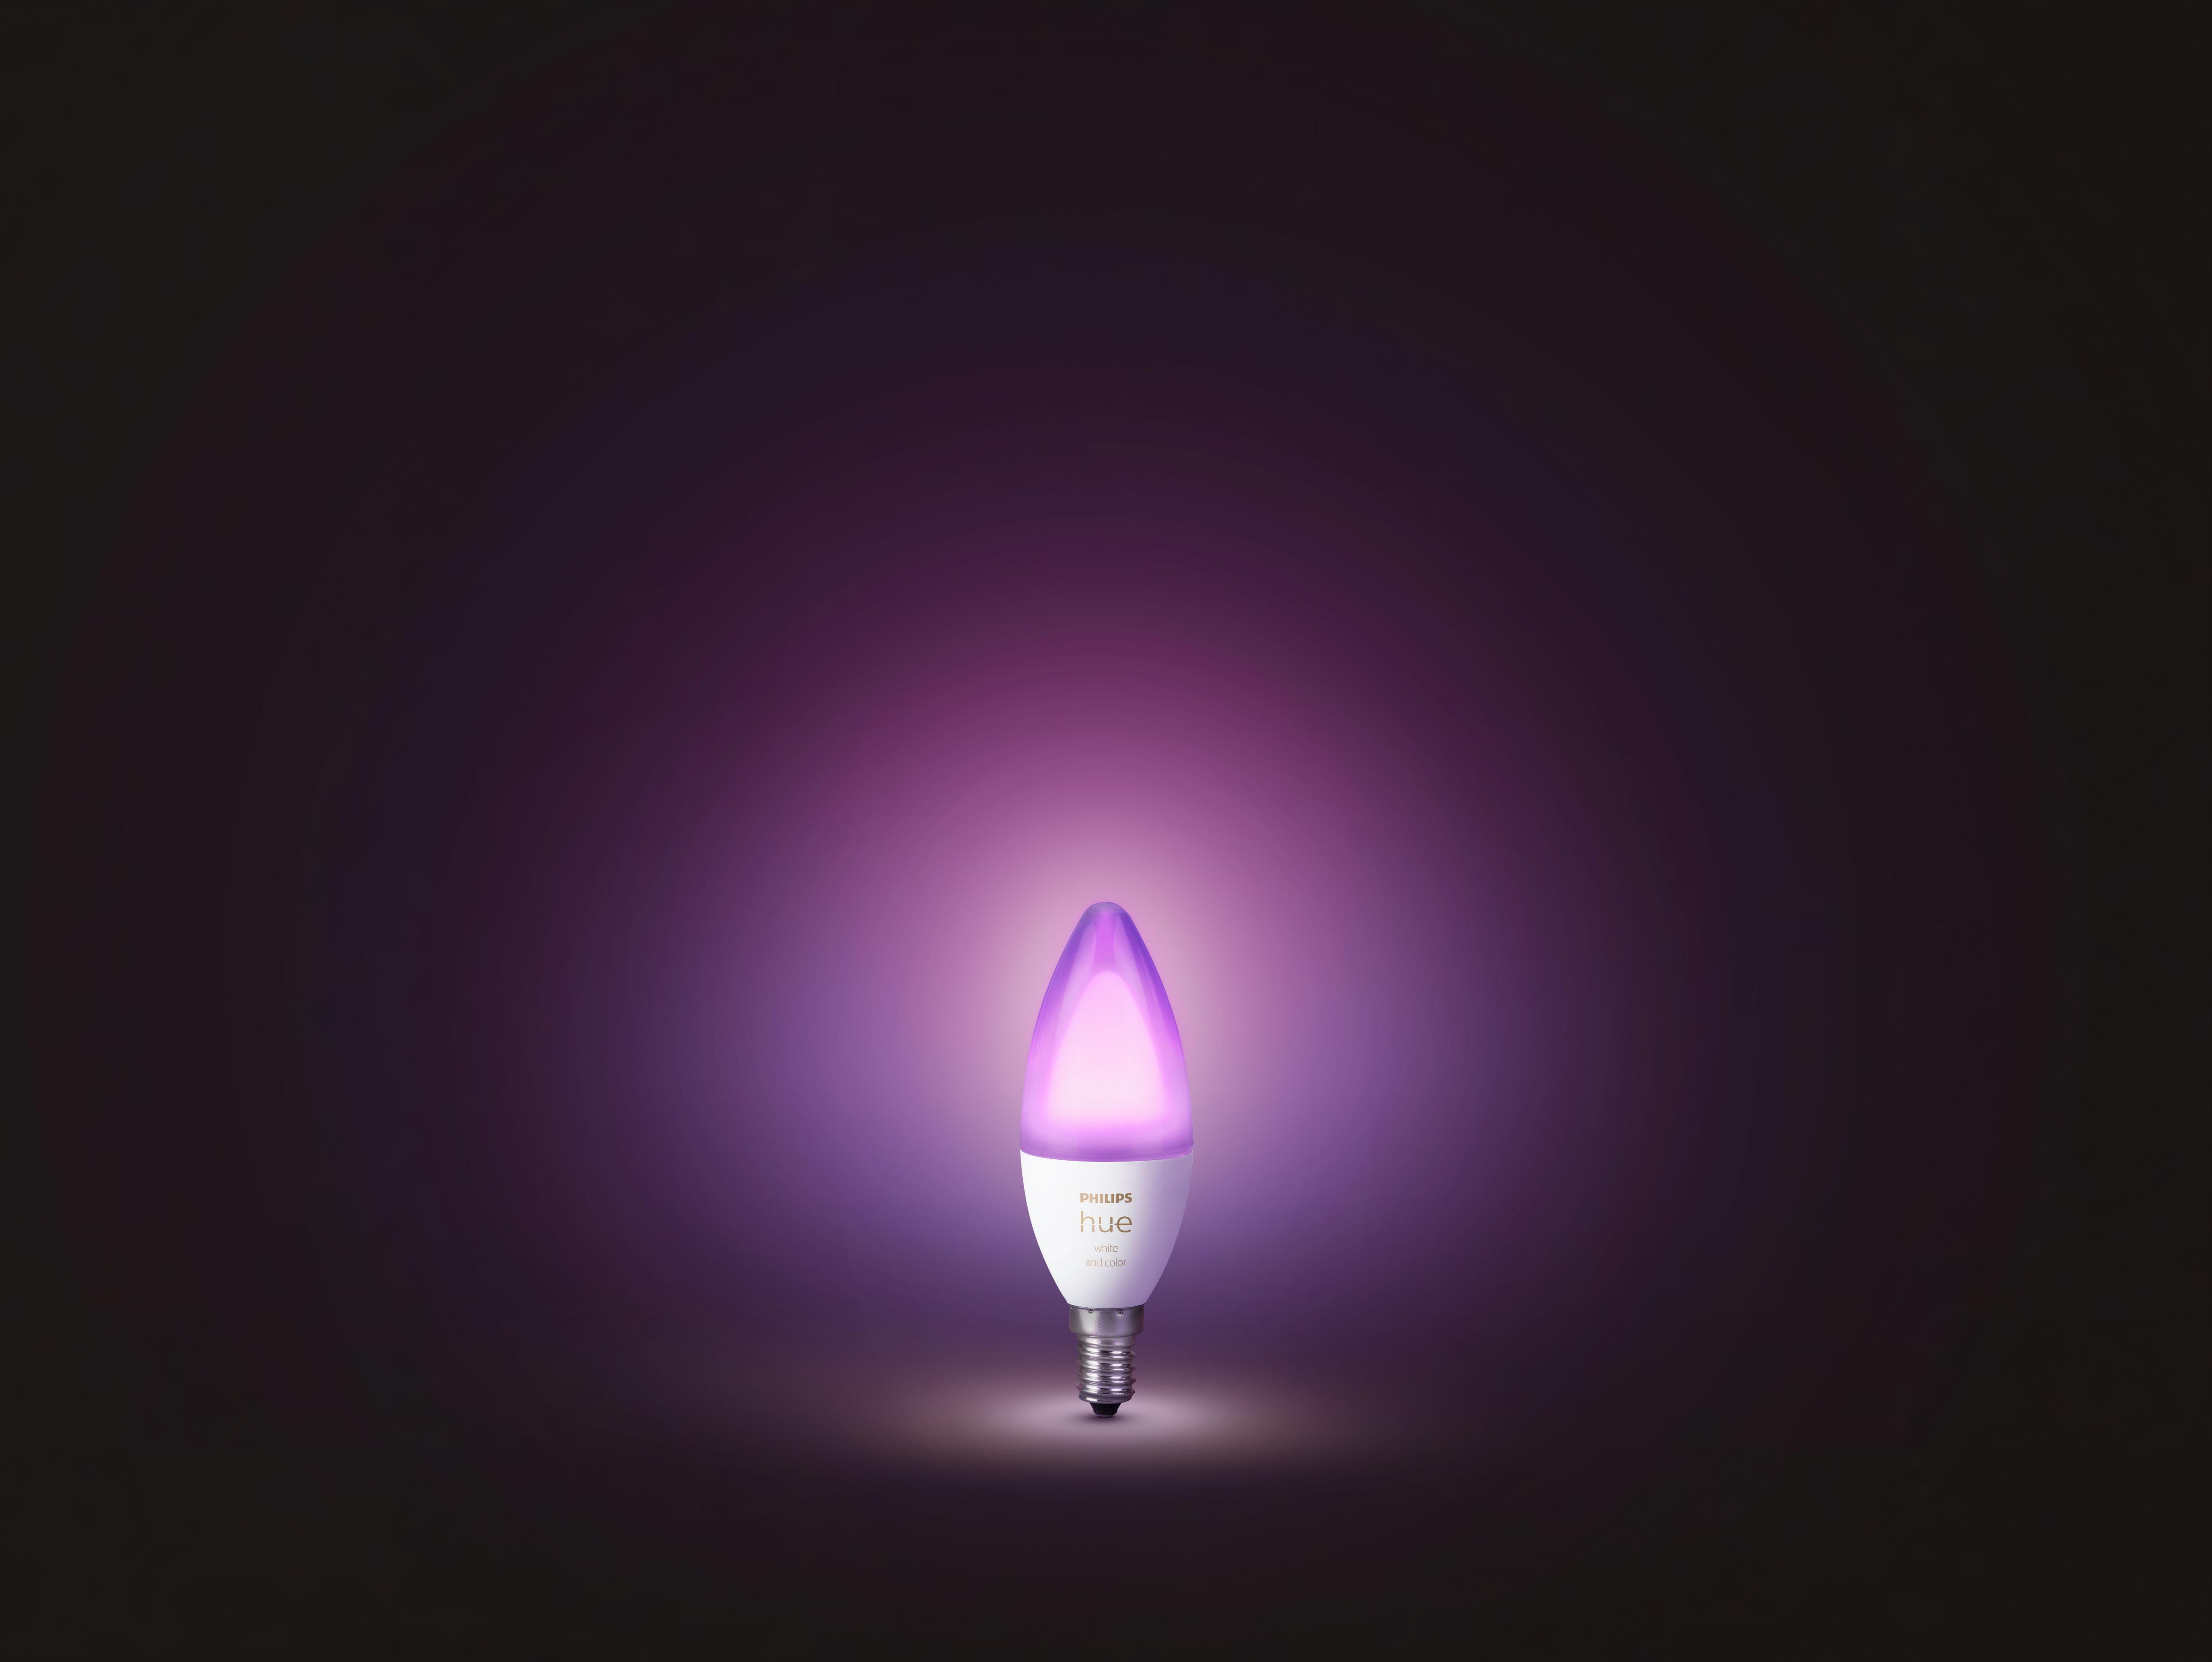 Inteligentne żarówki czy inteligentne przełączniki? Co wybrać do inteligentnego oświetlenia w domu?